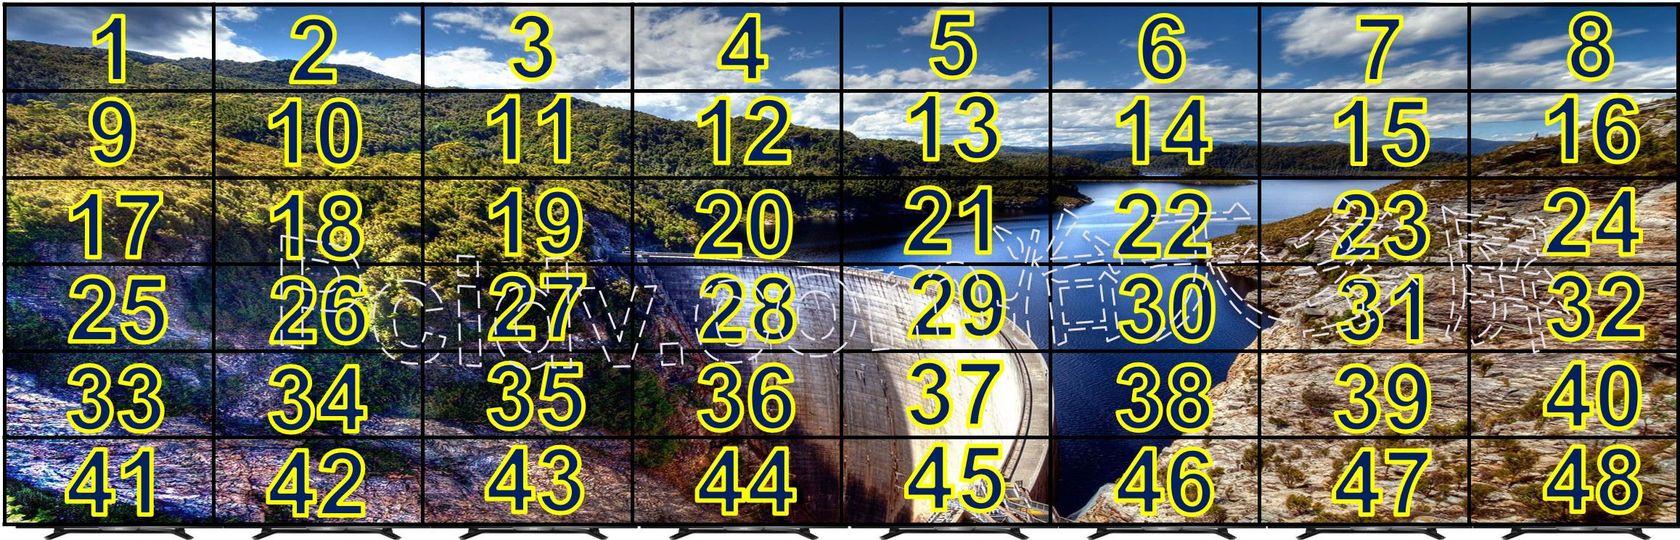 48屏拼接点对点显示内置多屏宝多屏拼接方案